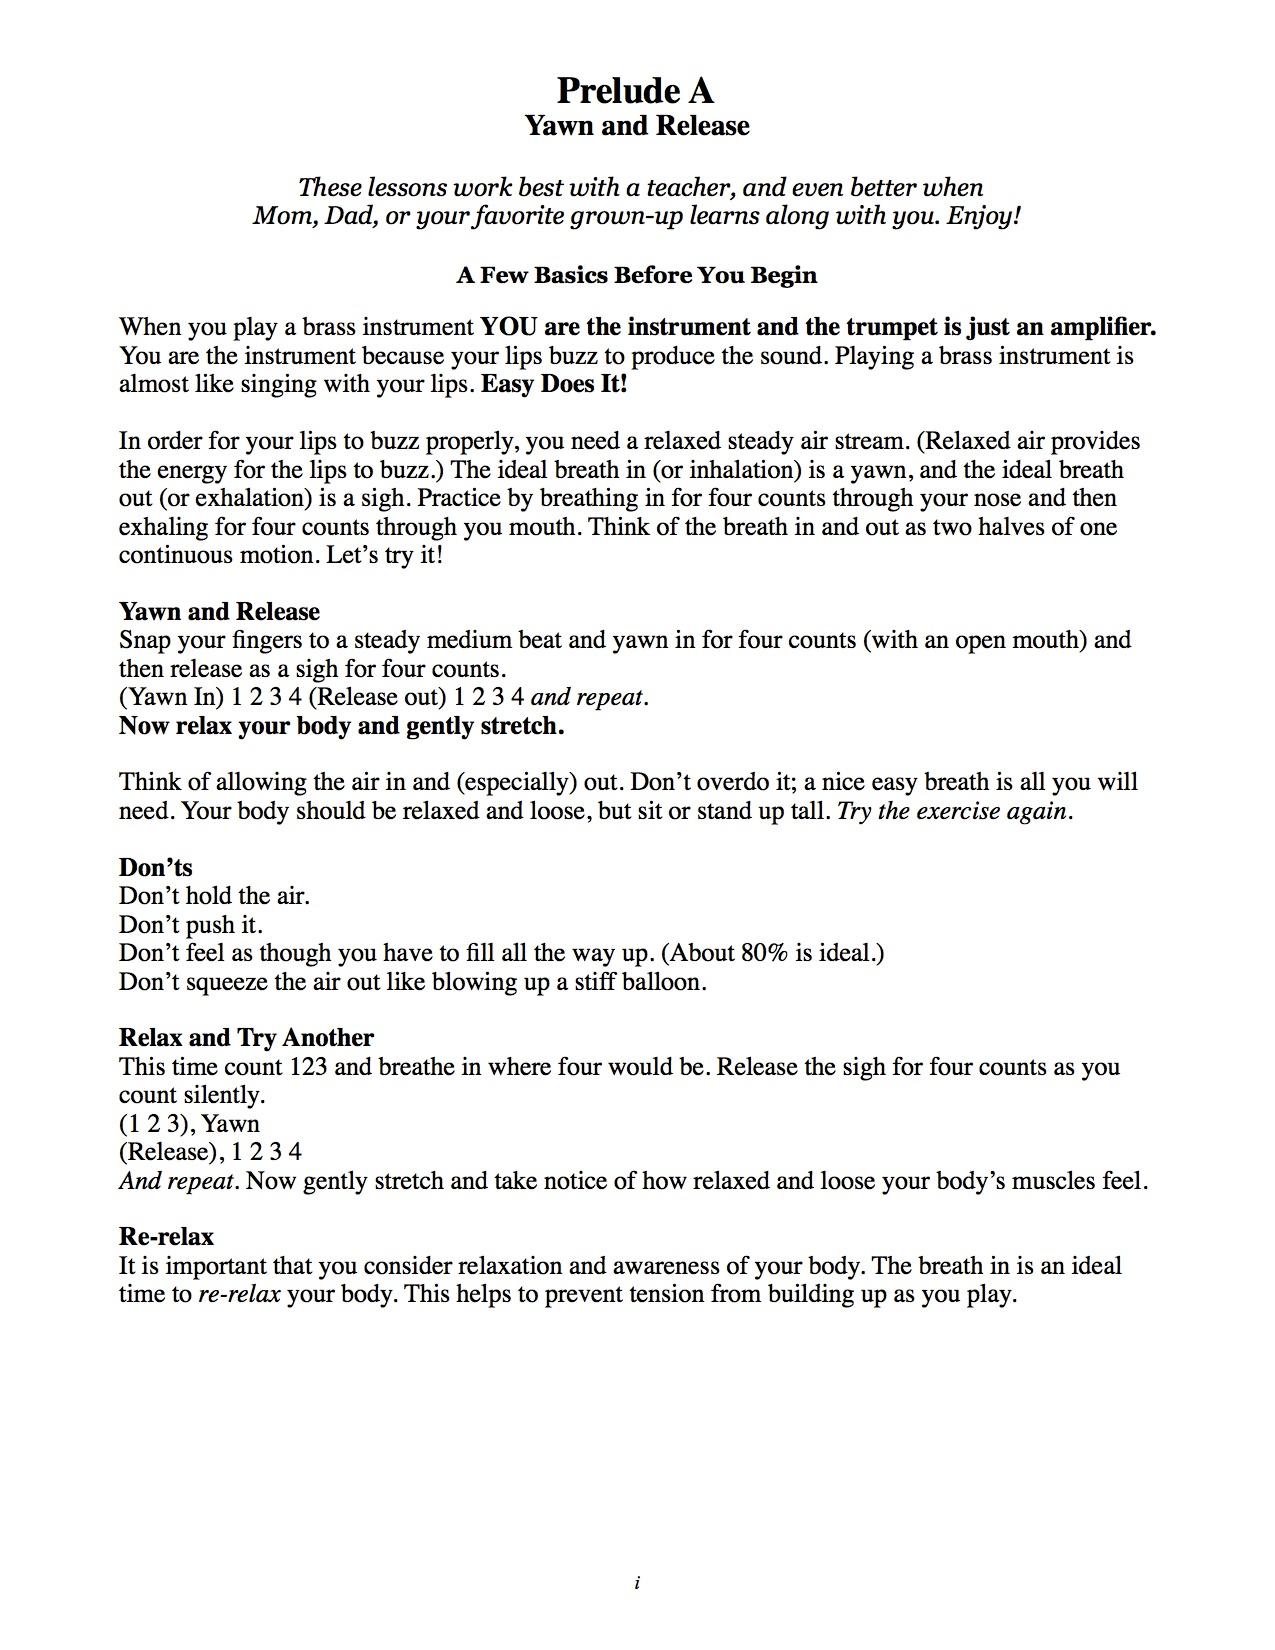 DB Book Final (dragged) 2 copy 2jPeg